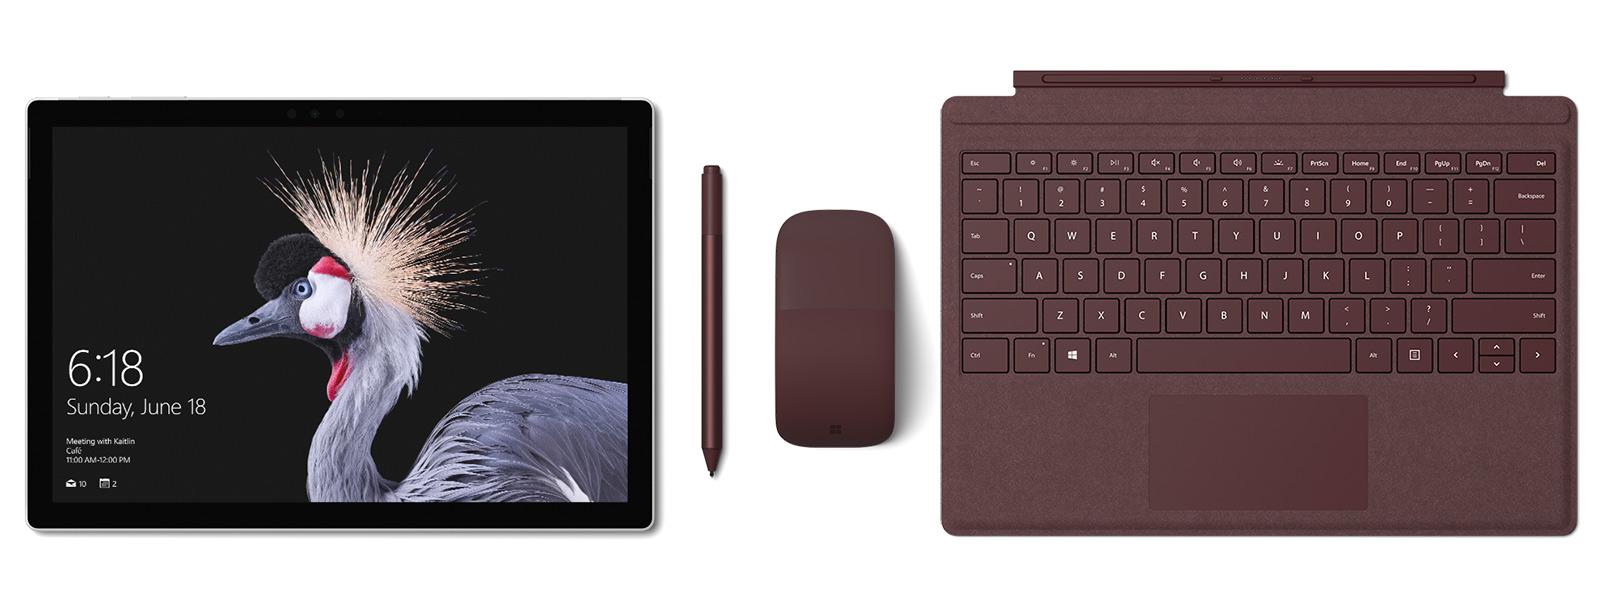 Bilde av Surface Pro med Surface Pro Signature Type Cover, Surface-penn og Surface Arc Mouse i burgunder farge. Surface-penn følger med.